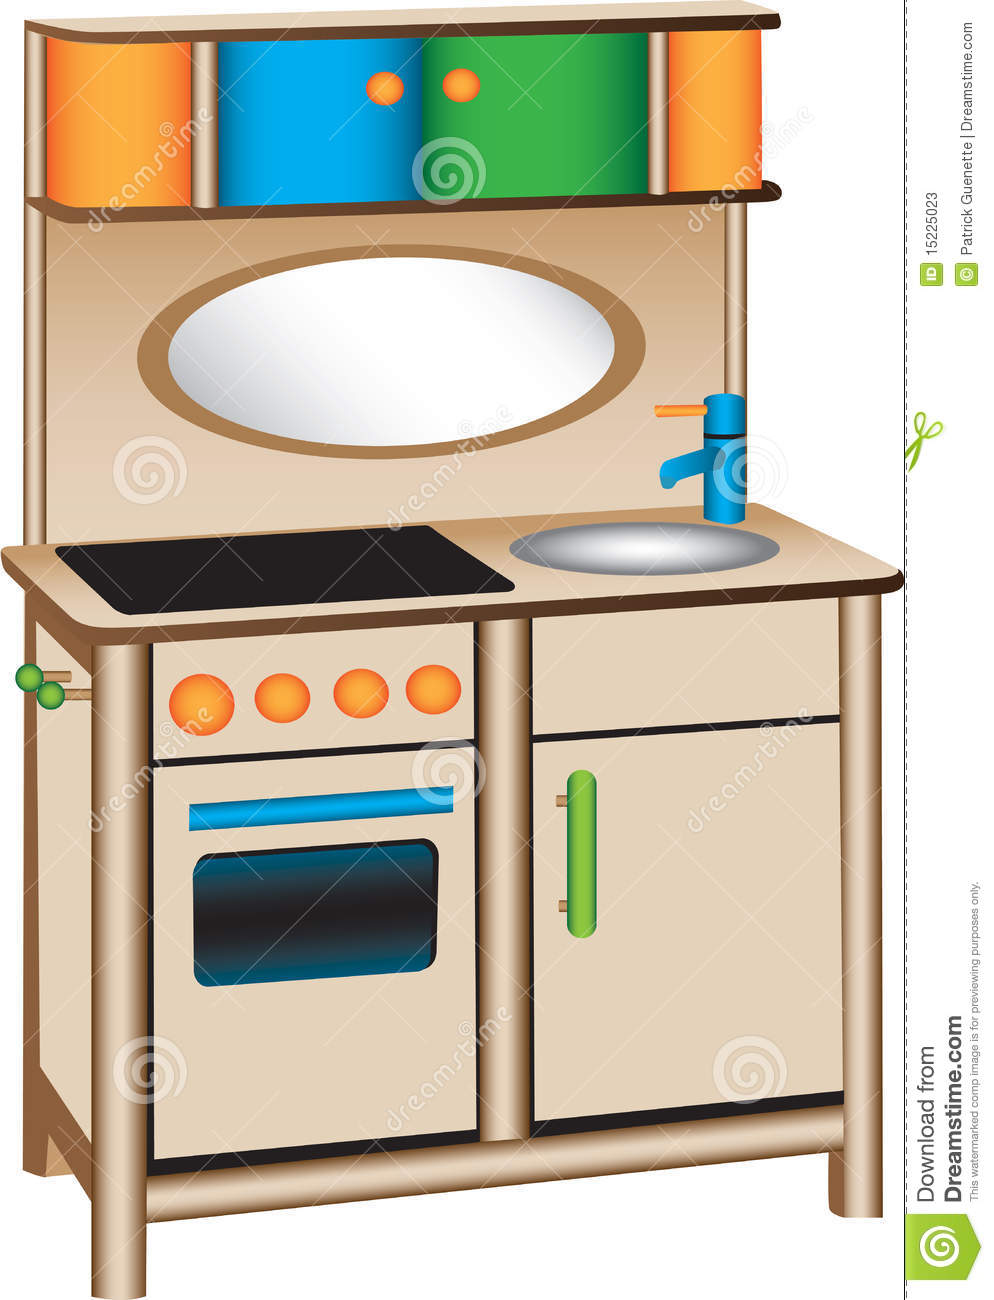 Kitchen clipart Art Clip Panda Images kitchen%20clip%20art